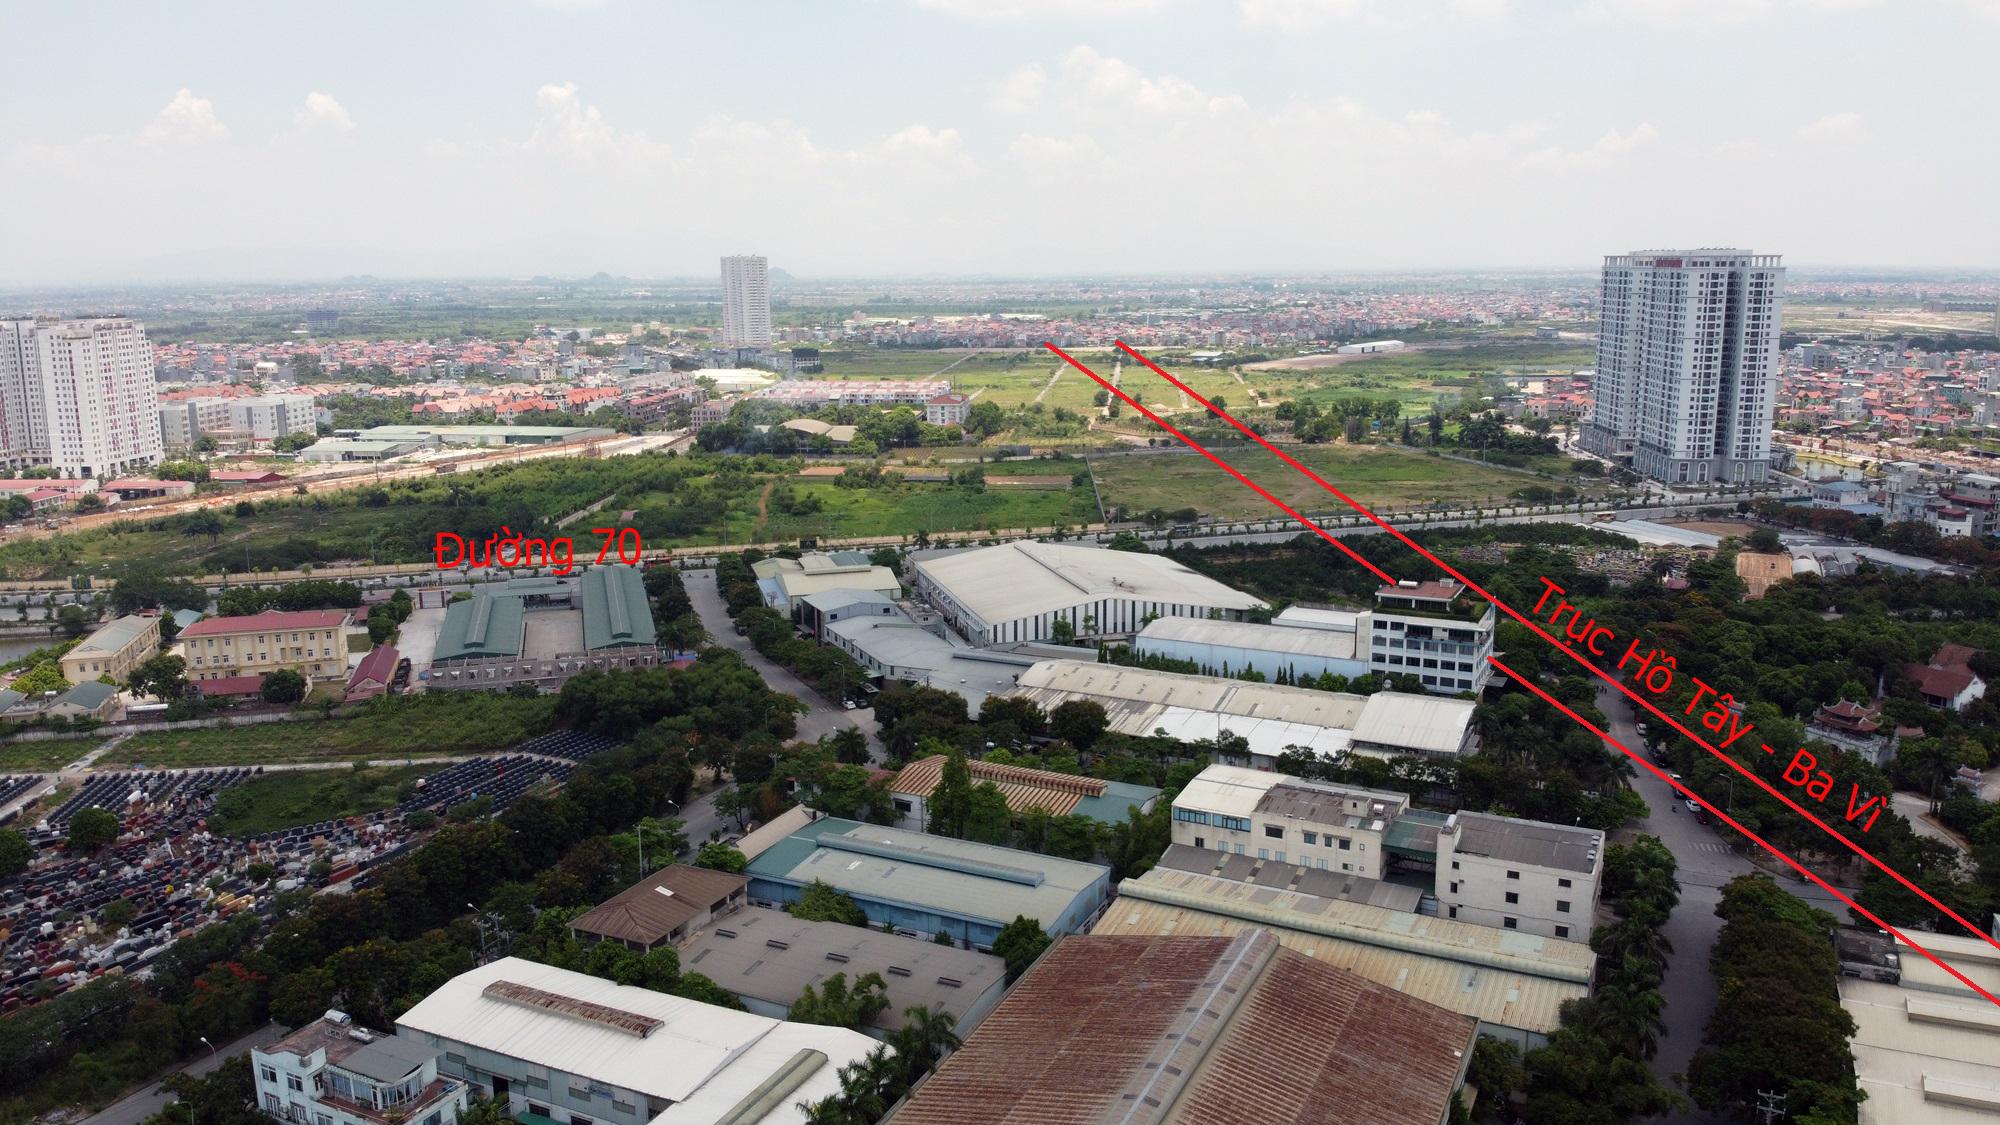 Đường sẽ mở theo qui hoạch ở Hà Nội: Toàn cảnh trục Hồ Tây - Ba Vì đến Vành đai 4 - Ảnh 20.